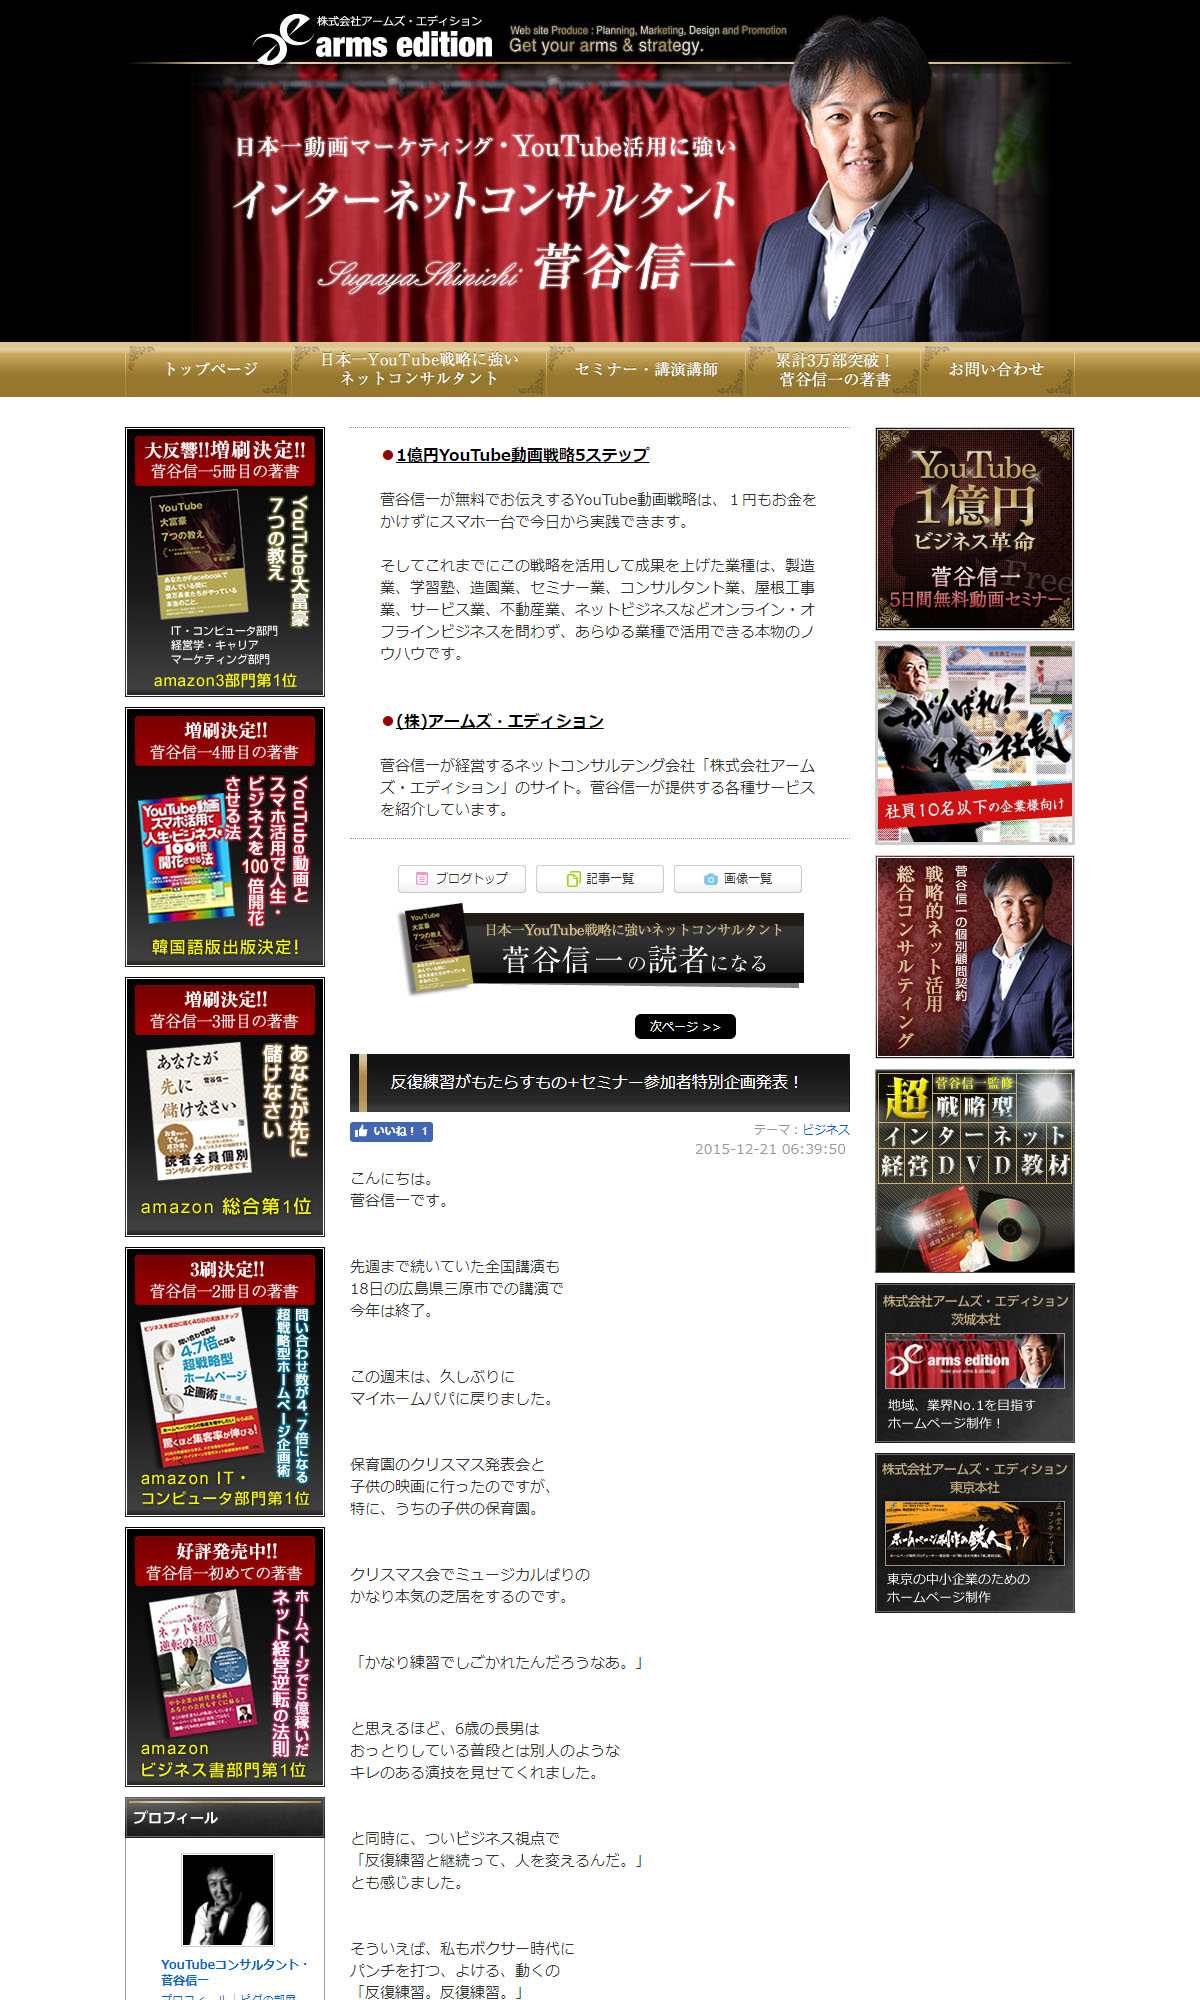 インターネットコンサルタント 菅谷信一